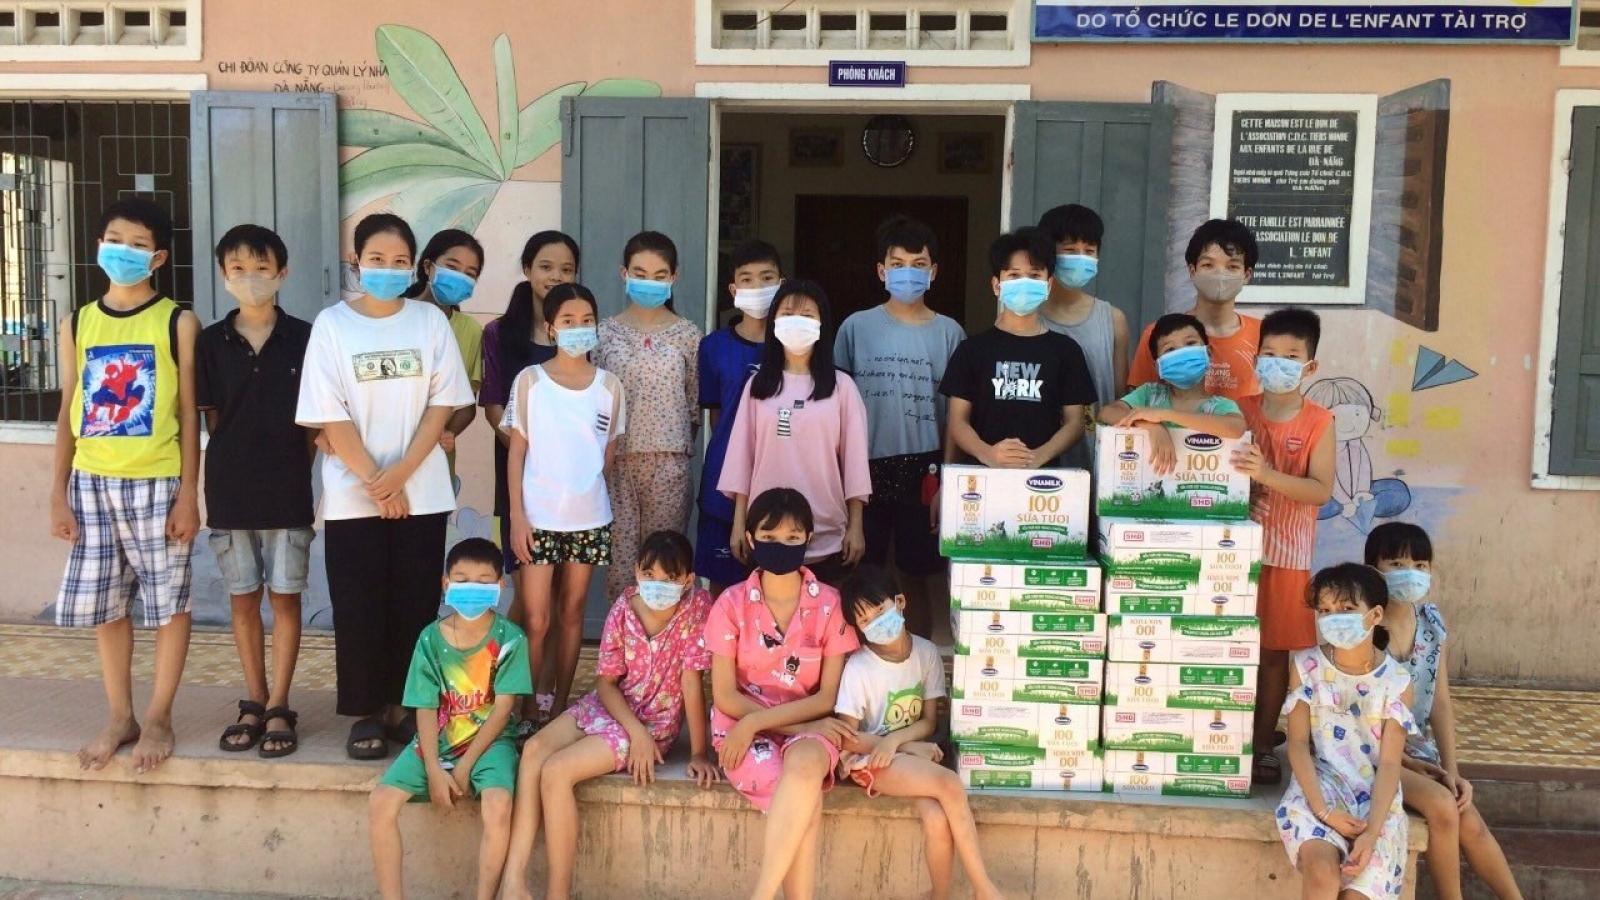 Vinamilk và quỹ sữa vươn cao Việt Nam trao 8.400 hộp sữa tại Điện Biên